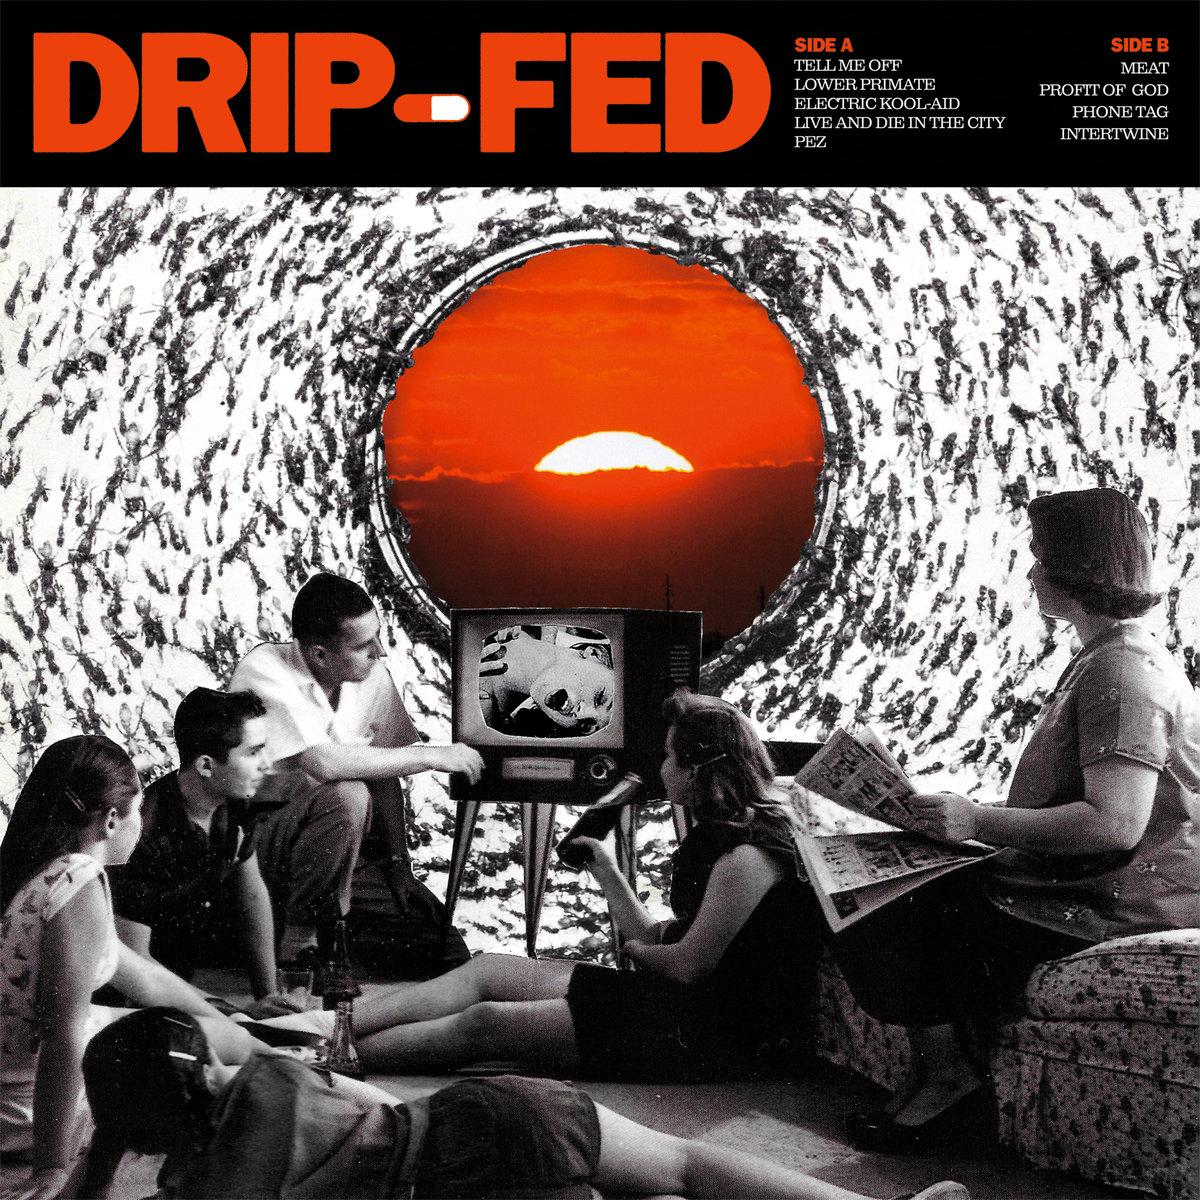 Drip-Fed